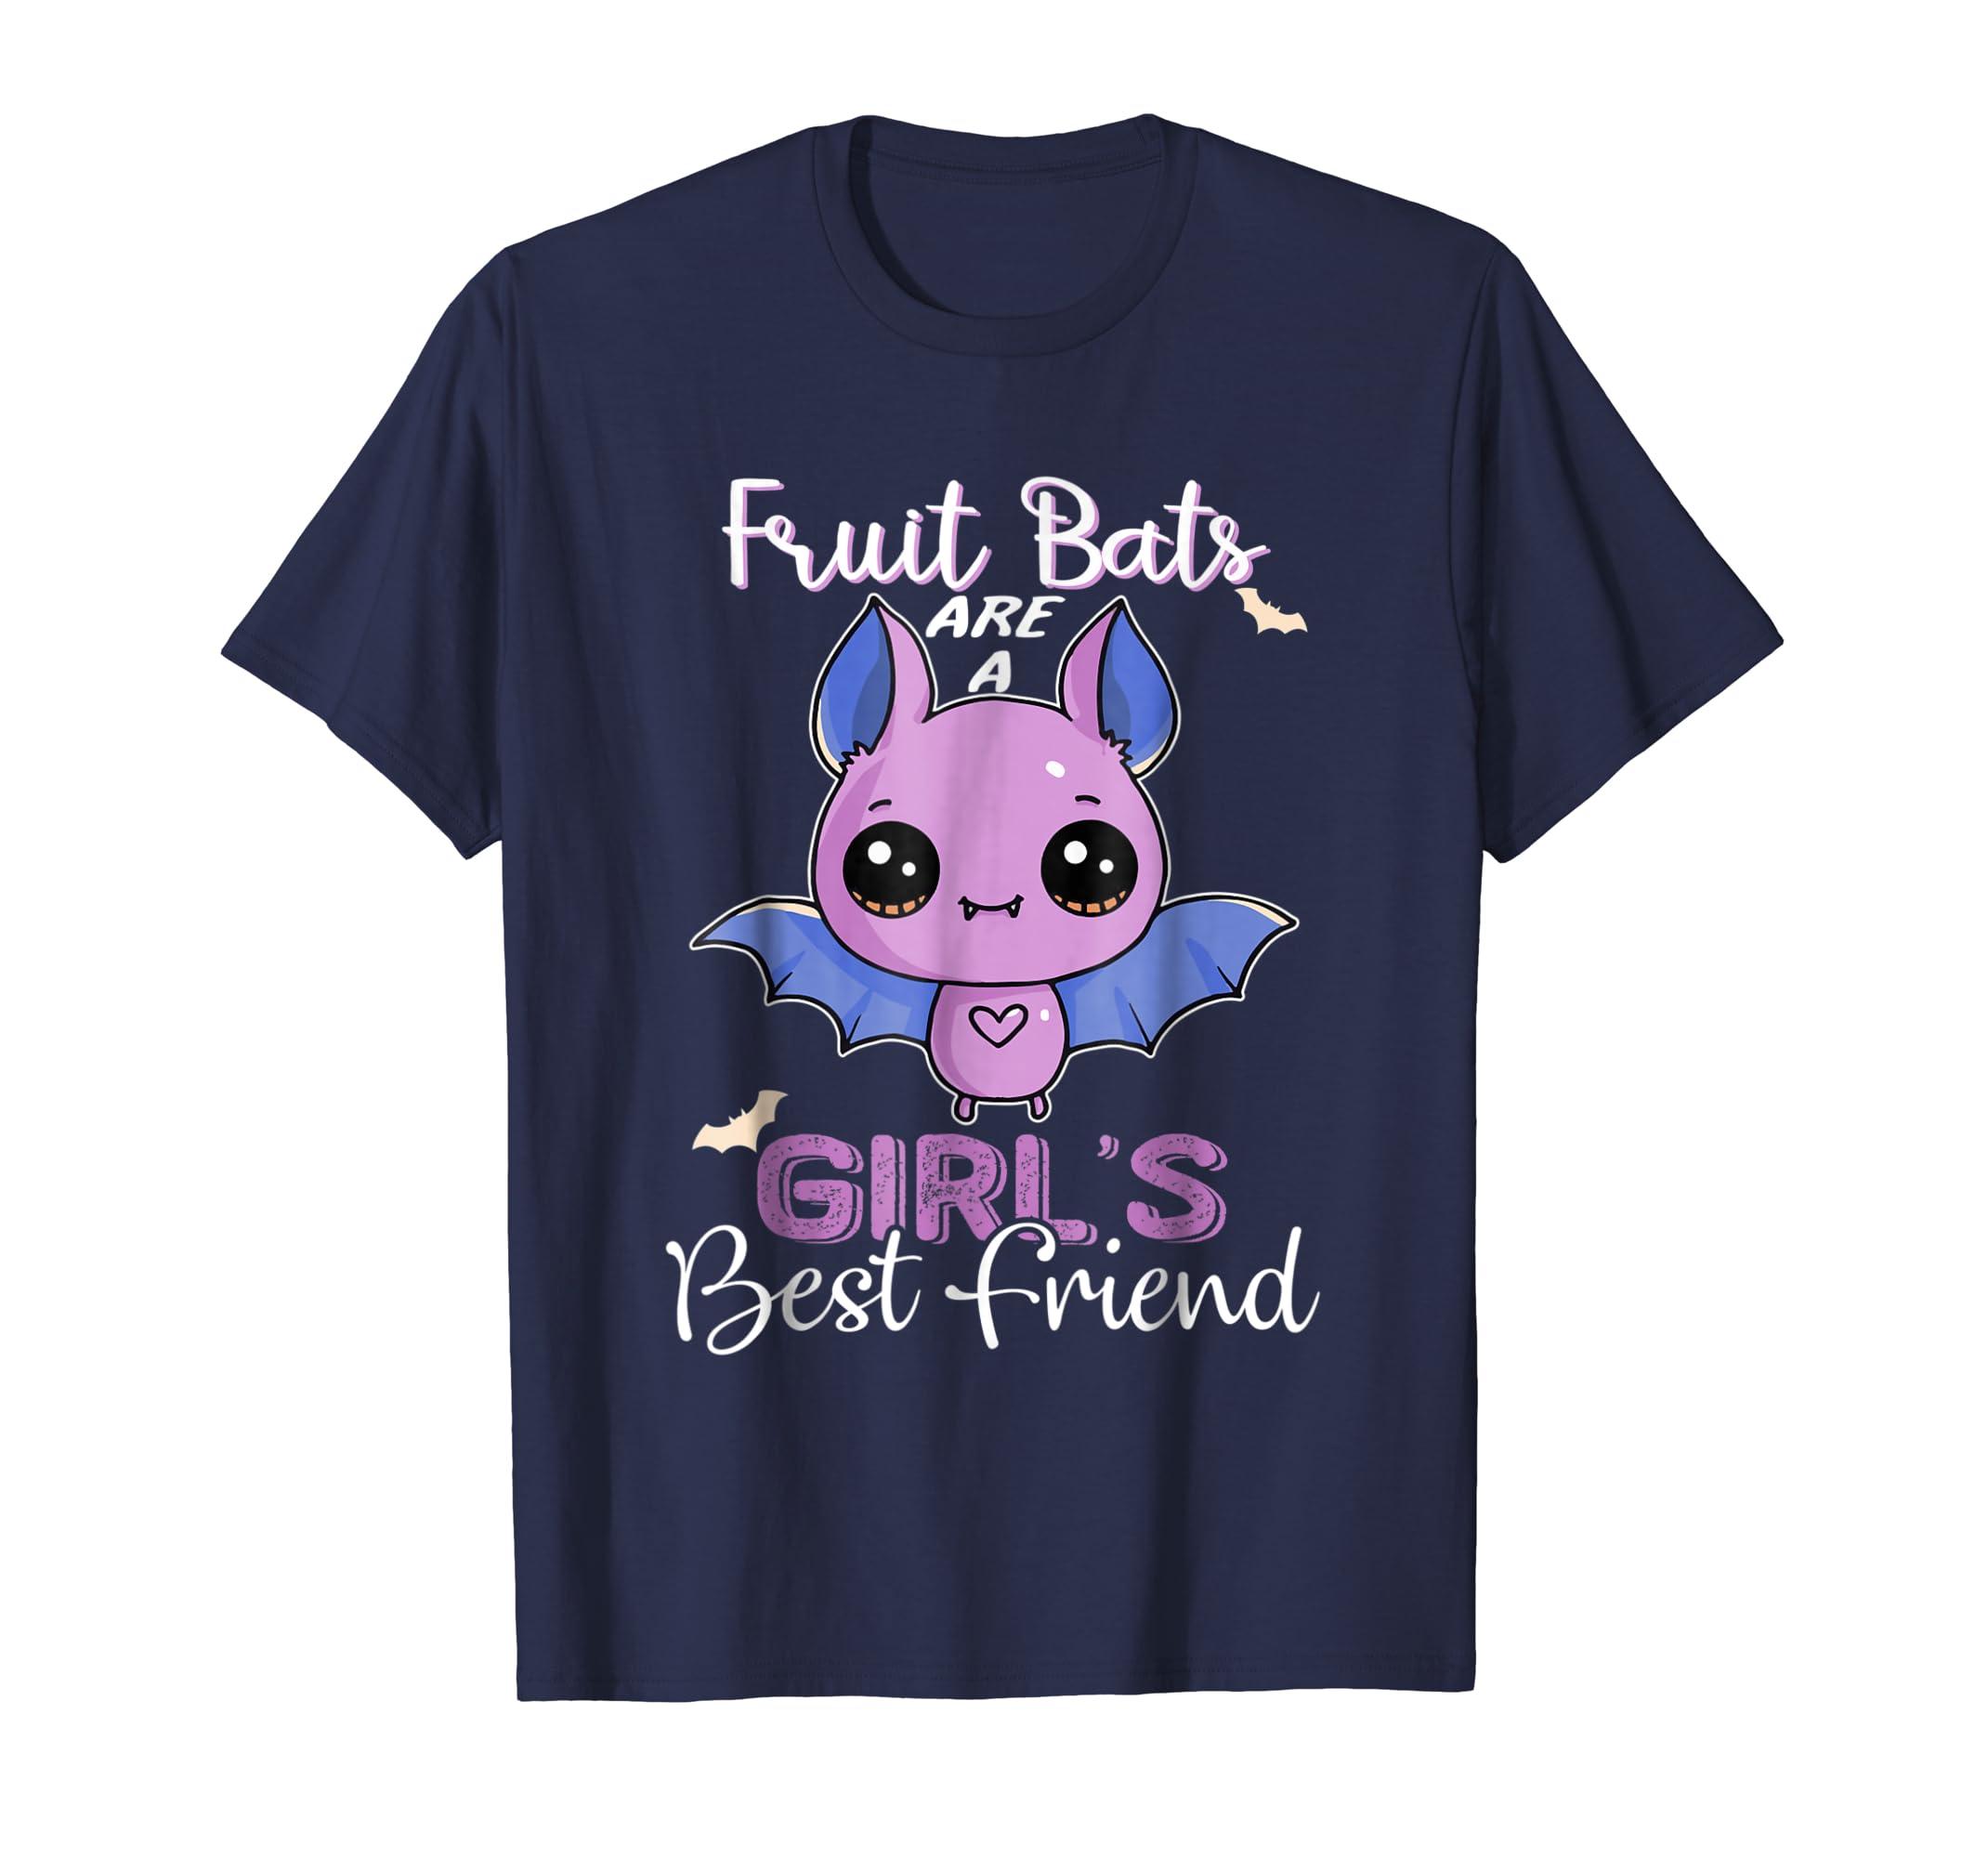 Fruit Bats Shirt - Are A Girls Best Friend Kids Cute Spooky-mt